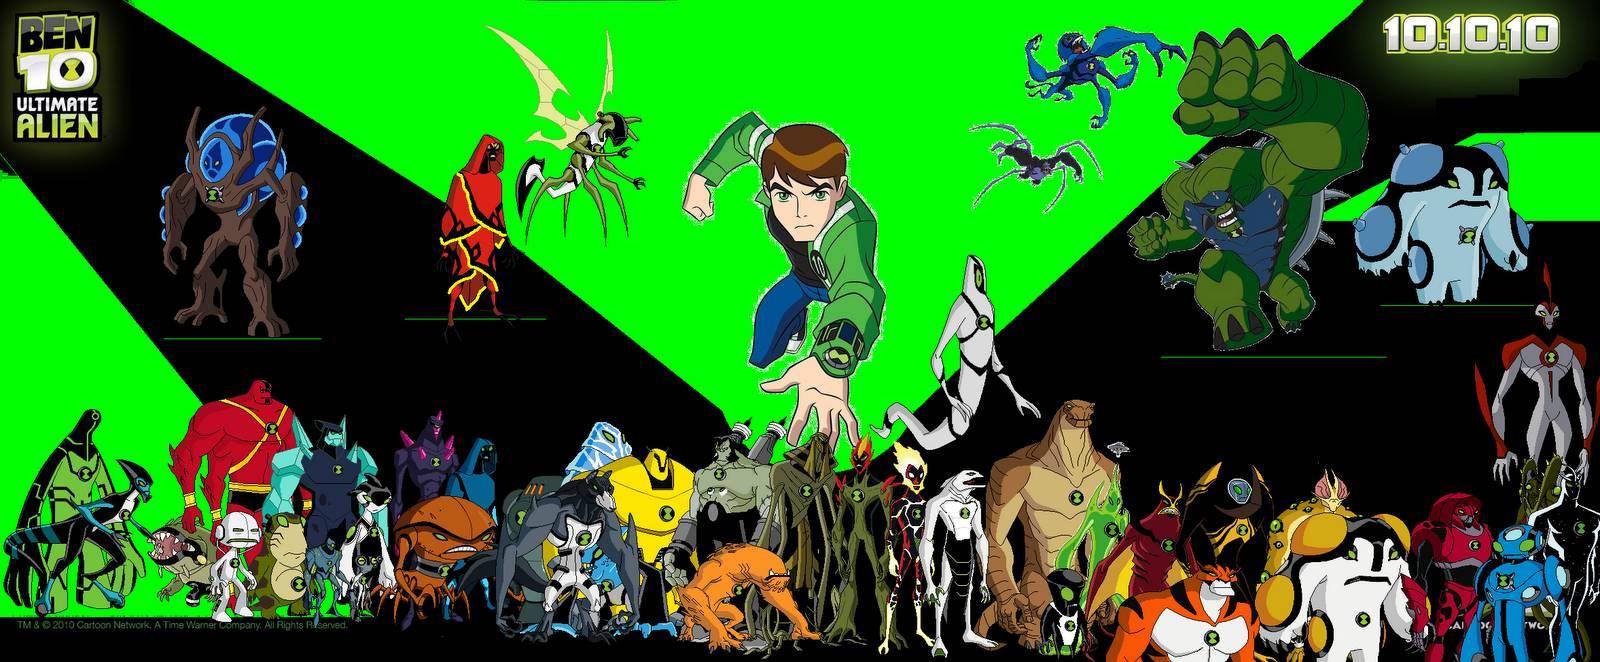 Ben 10 Alien Swarm Wallpapers Top Free Ben 10 Alien Swarm